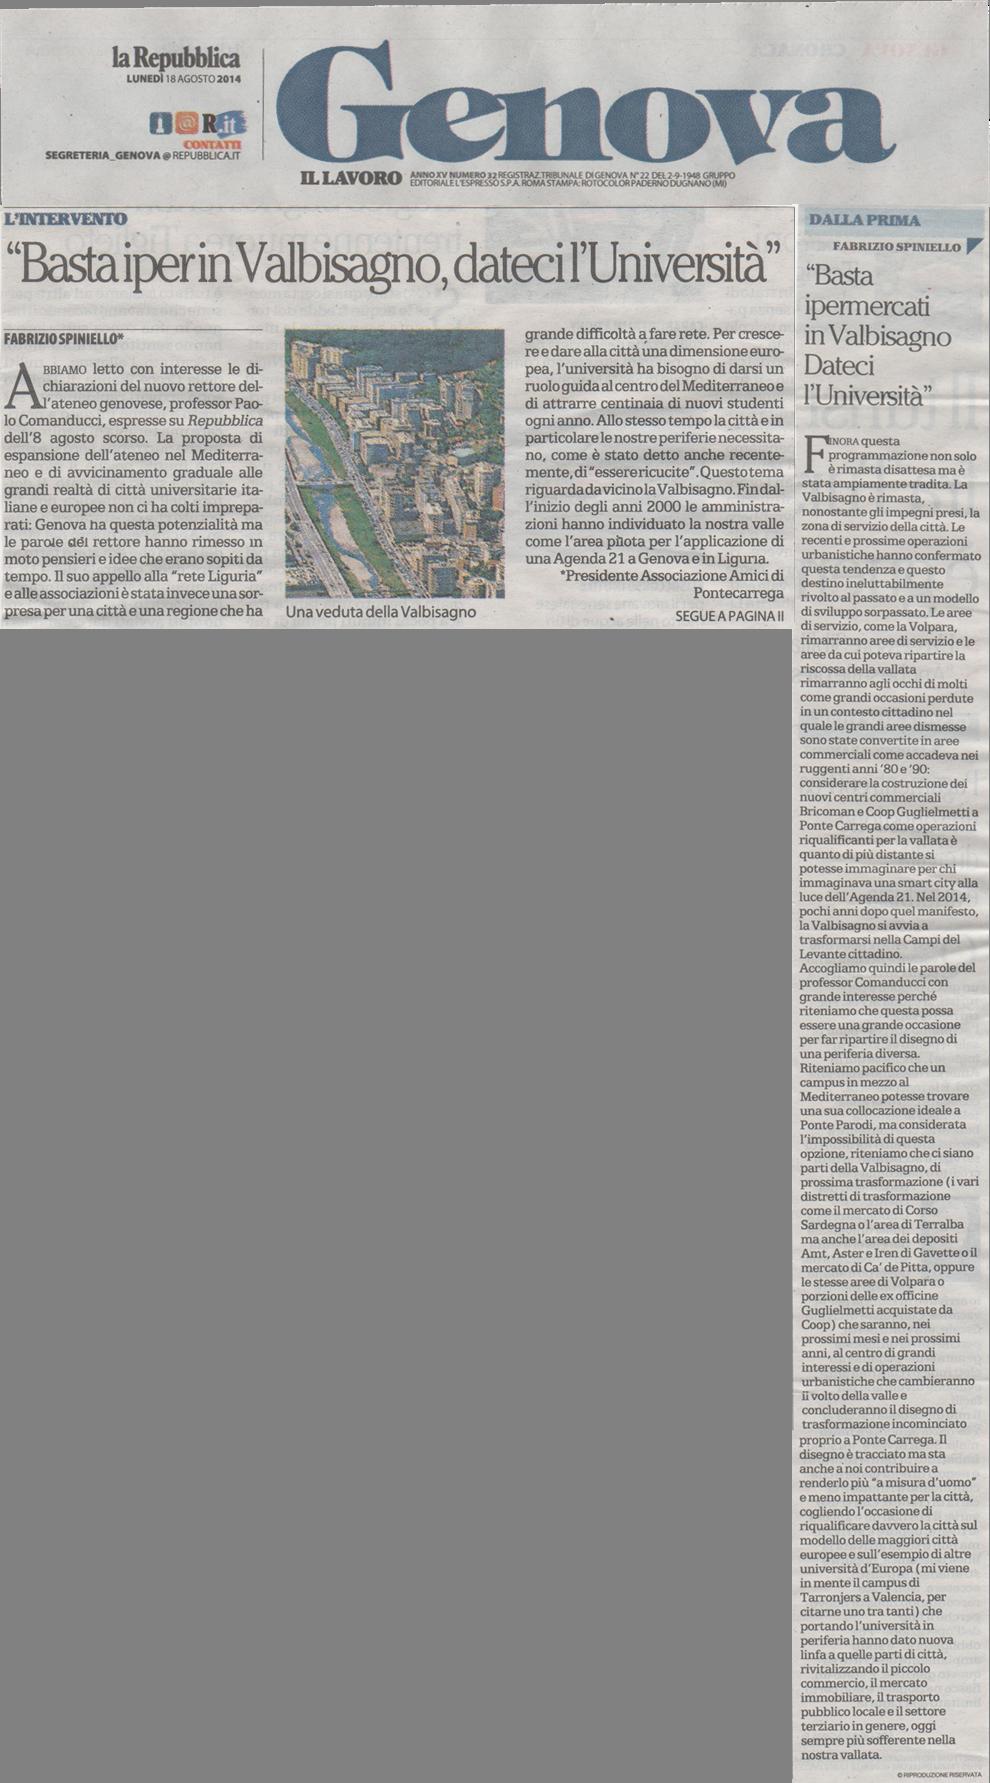 La Repubblica art unige 18 agosto 2014